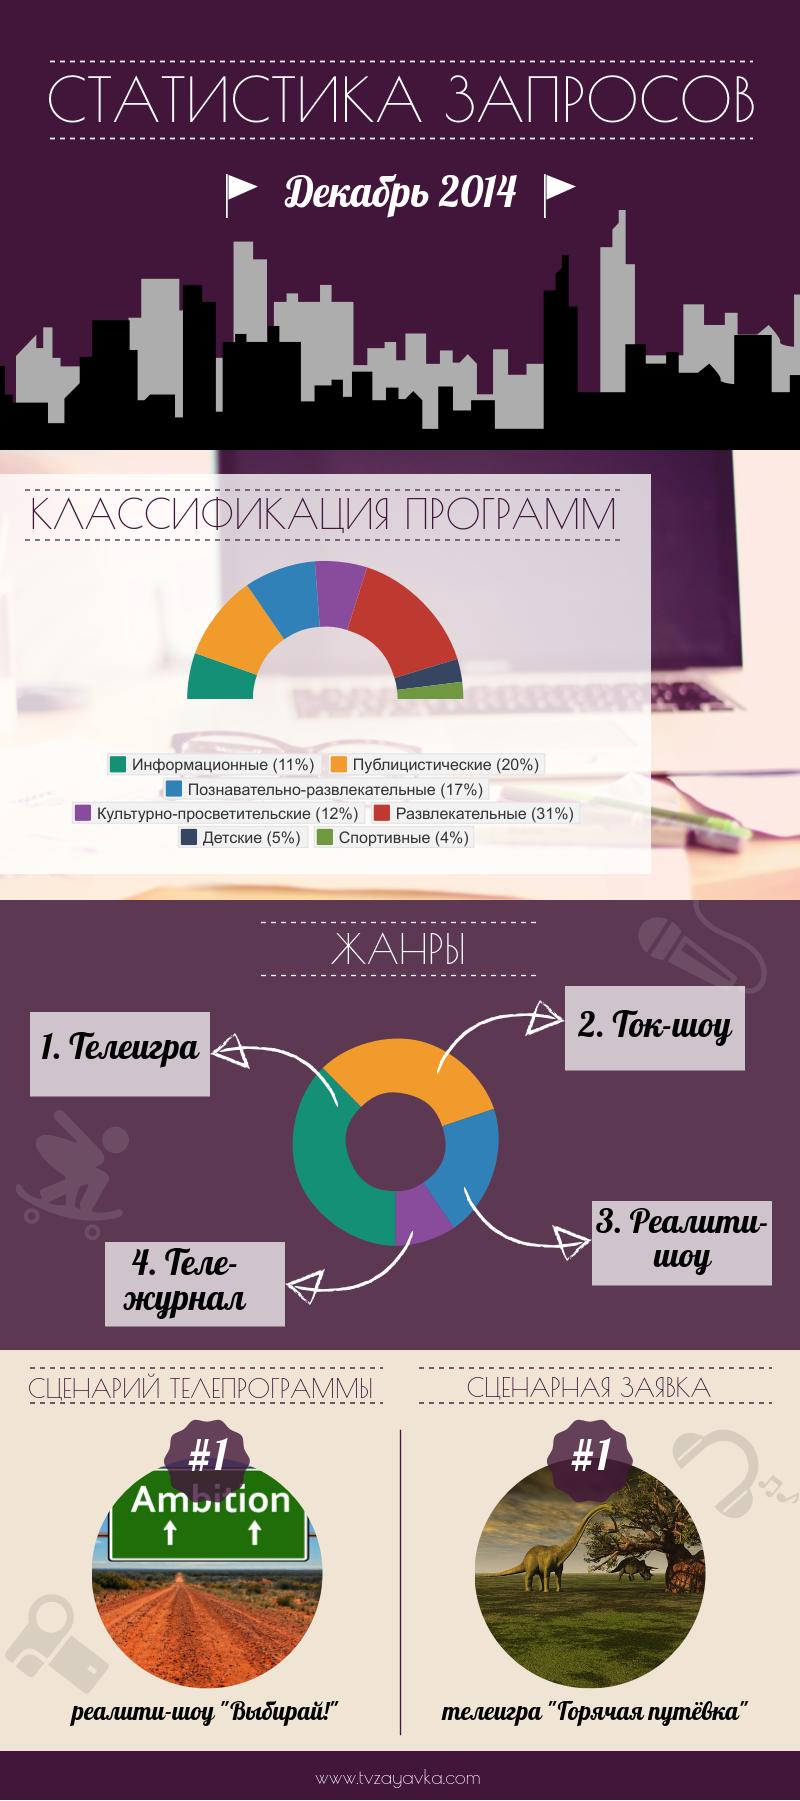 Статистика запросов. Декабрь 2014